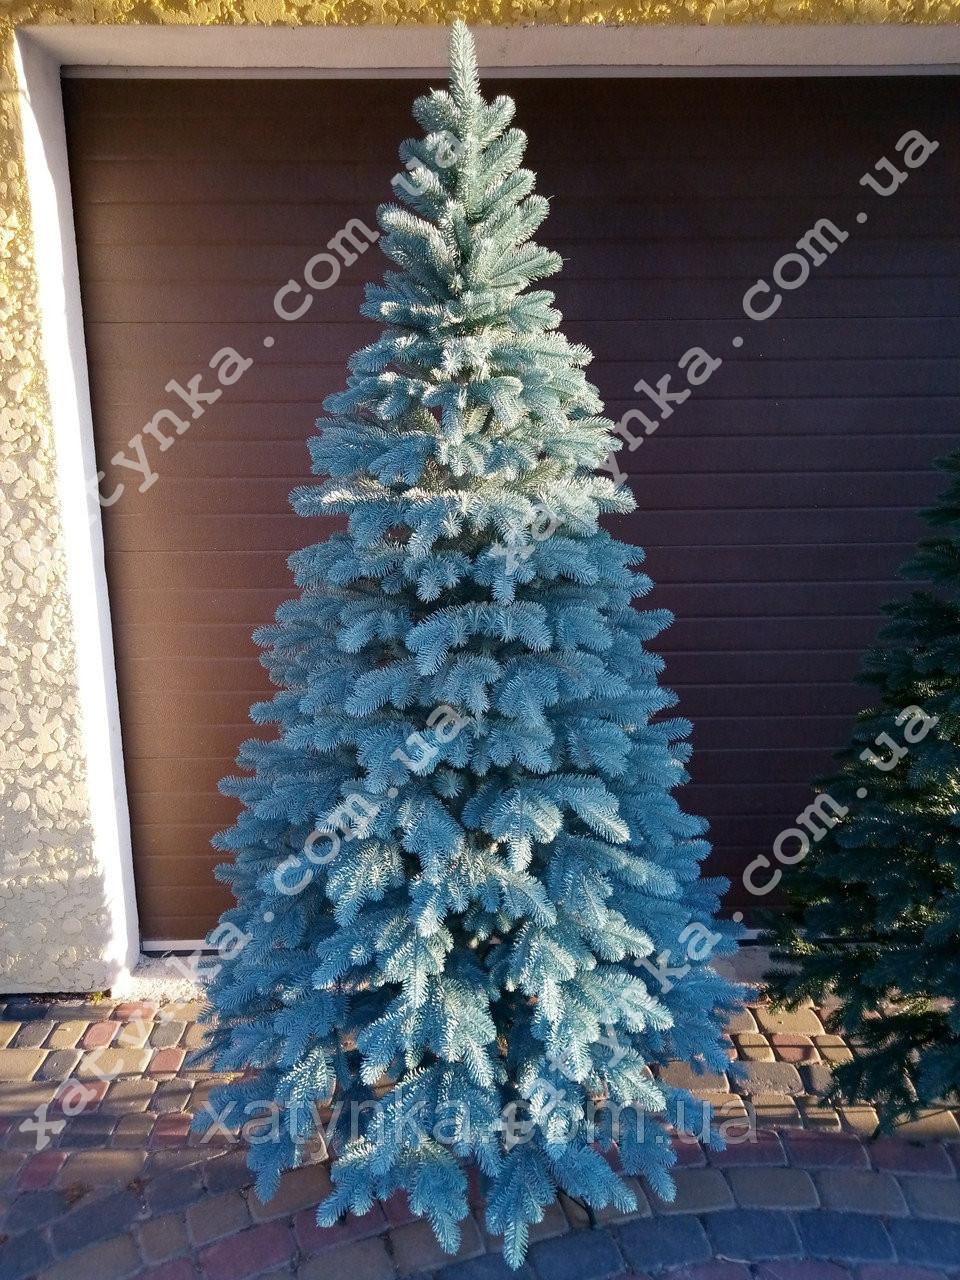 Литая елка Елитная 1.80м. голубая / Лита ялинка / Ель / ёлка пластиковая литая / Эль искусственная